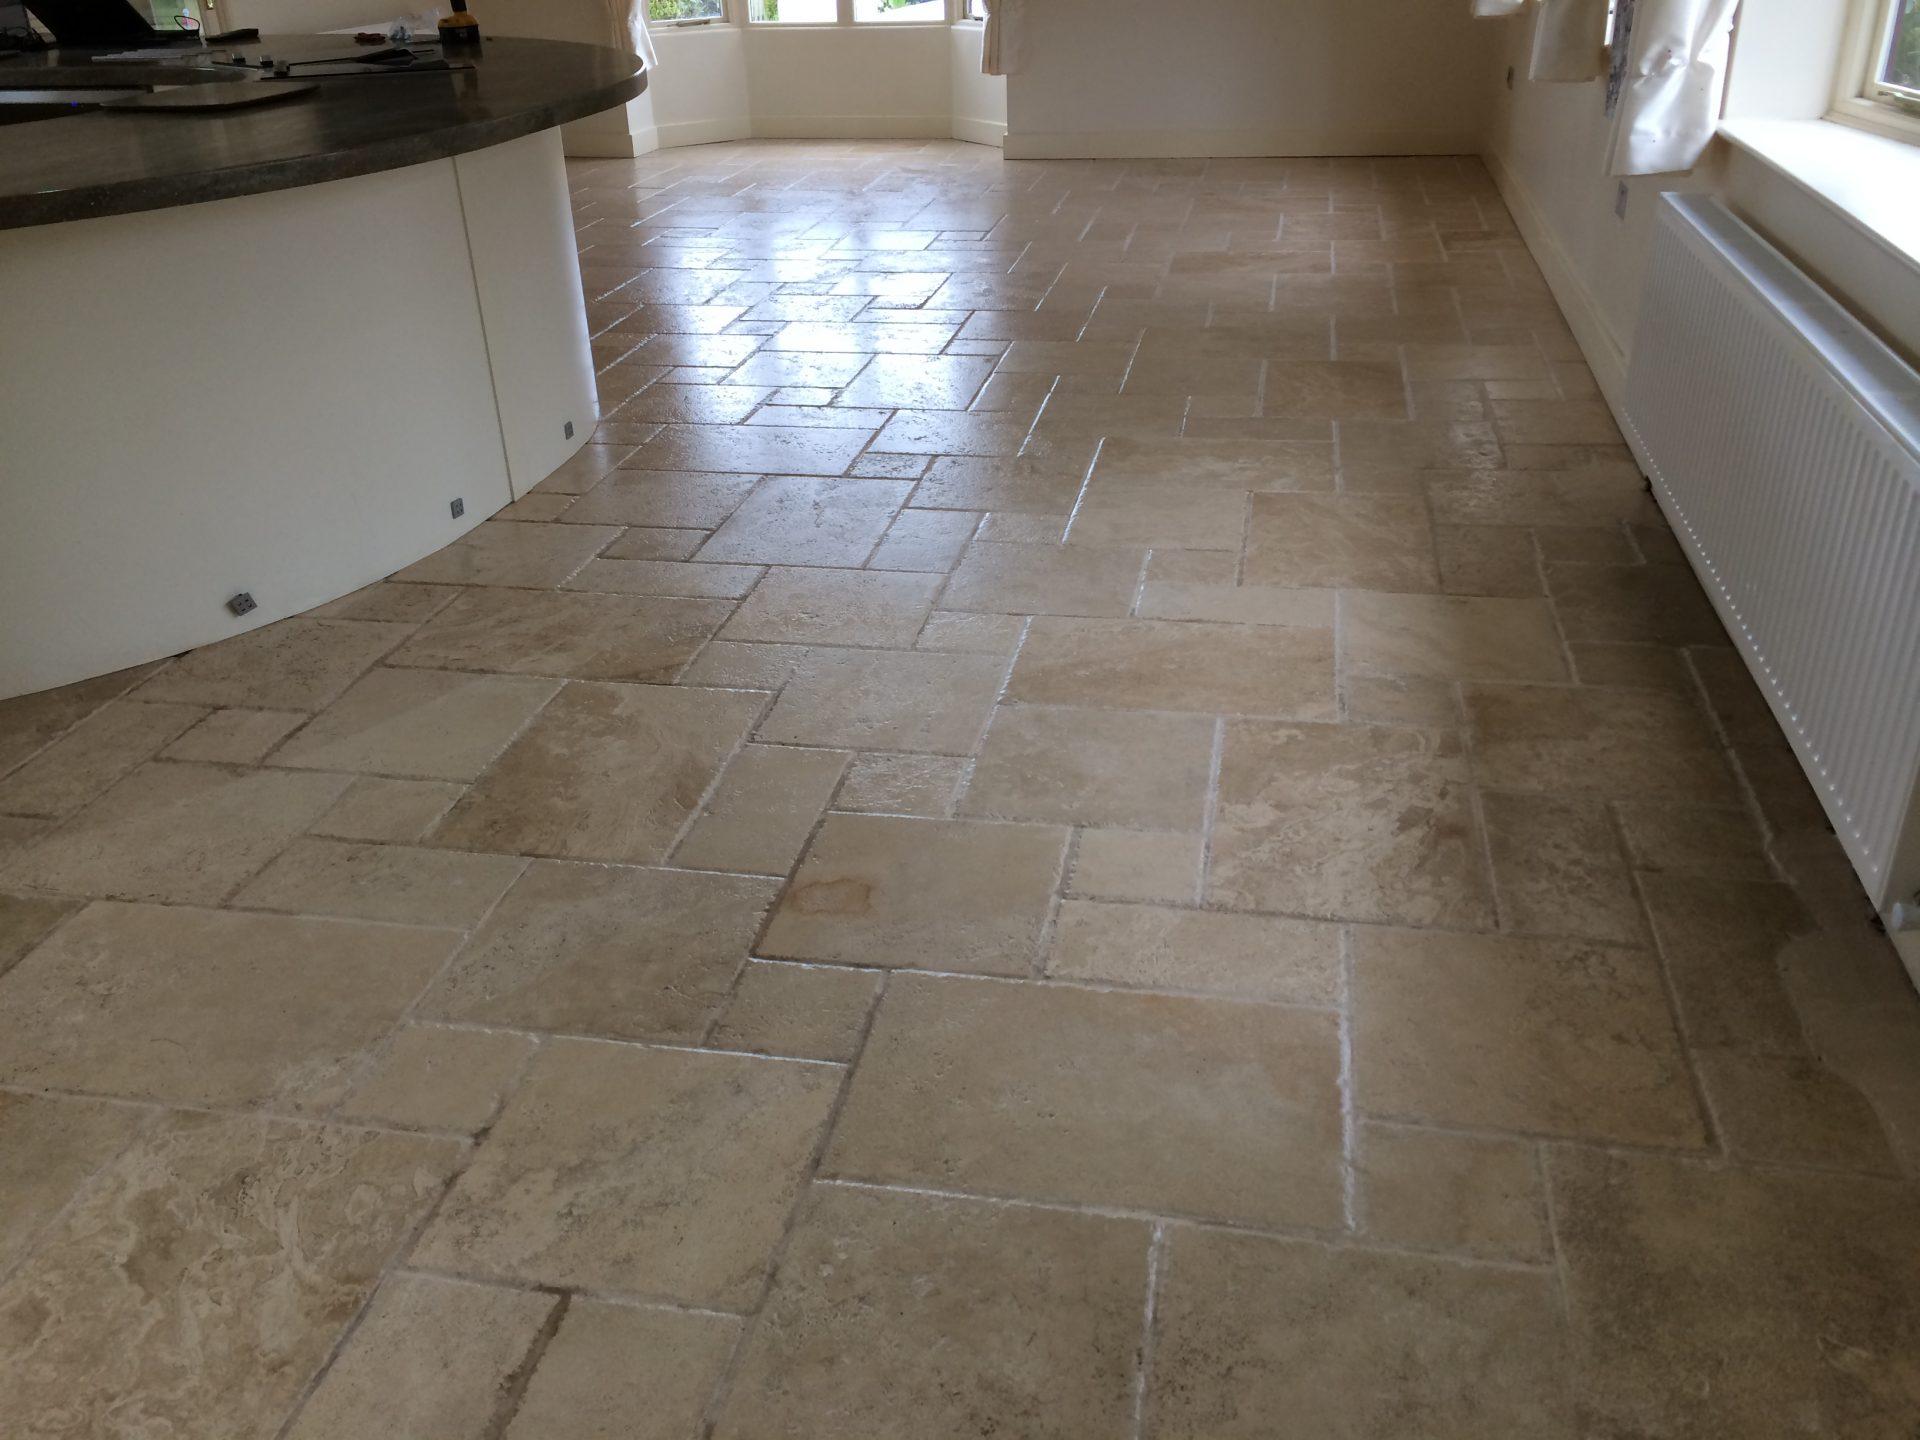 Travertine Floor Cleaning Repairing Sealing Kingsheath